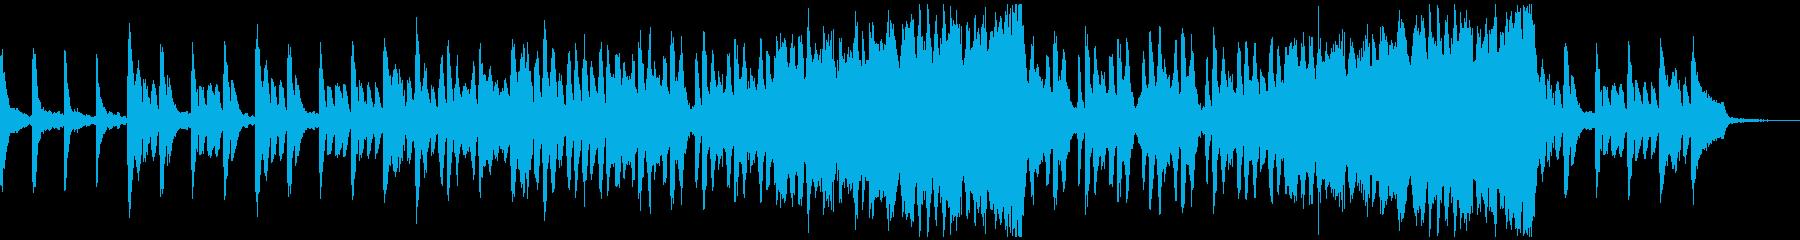 不気味な音世界に鈍感で心強いトランペットの再生済みの波形